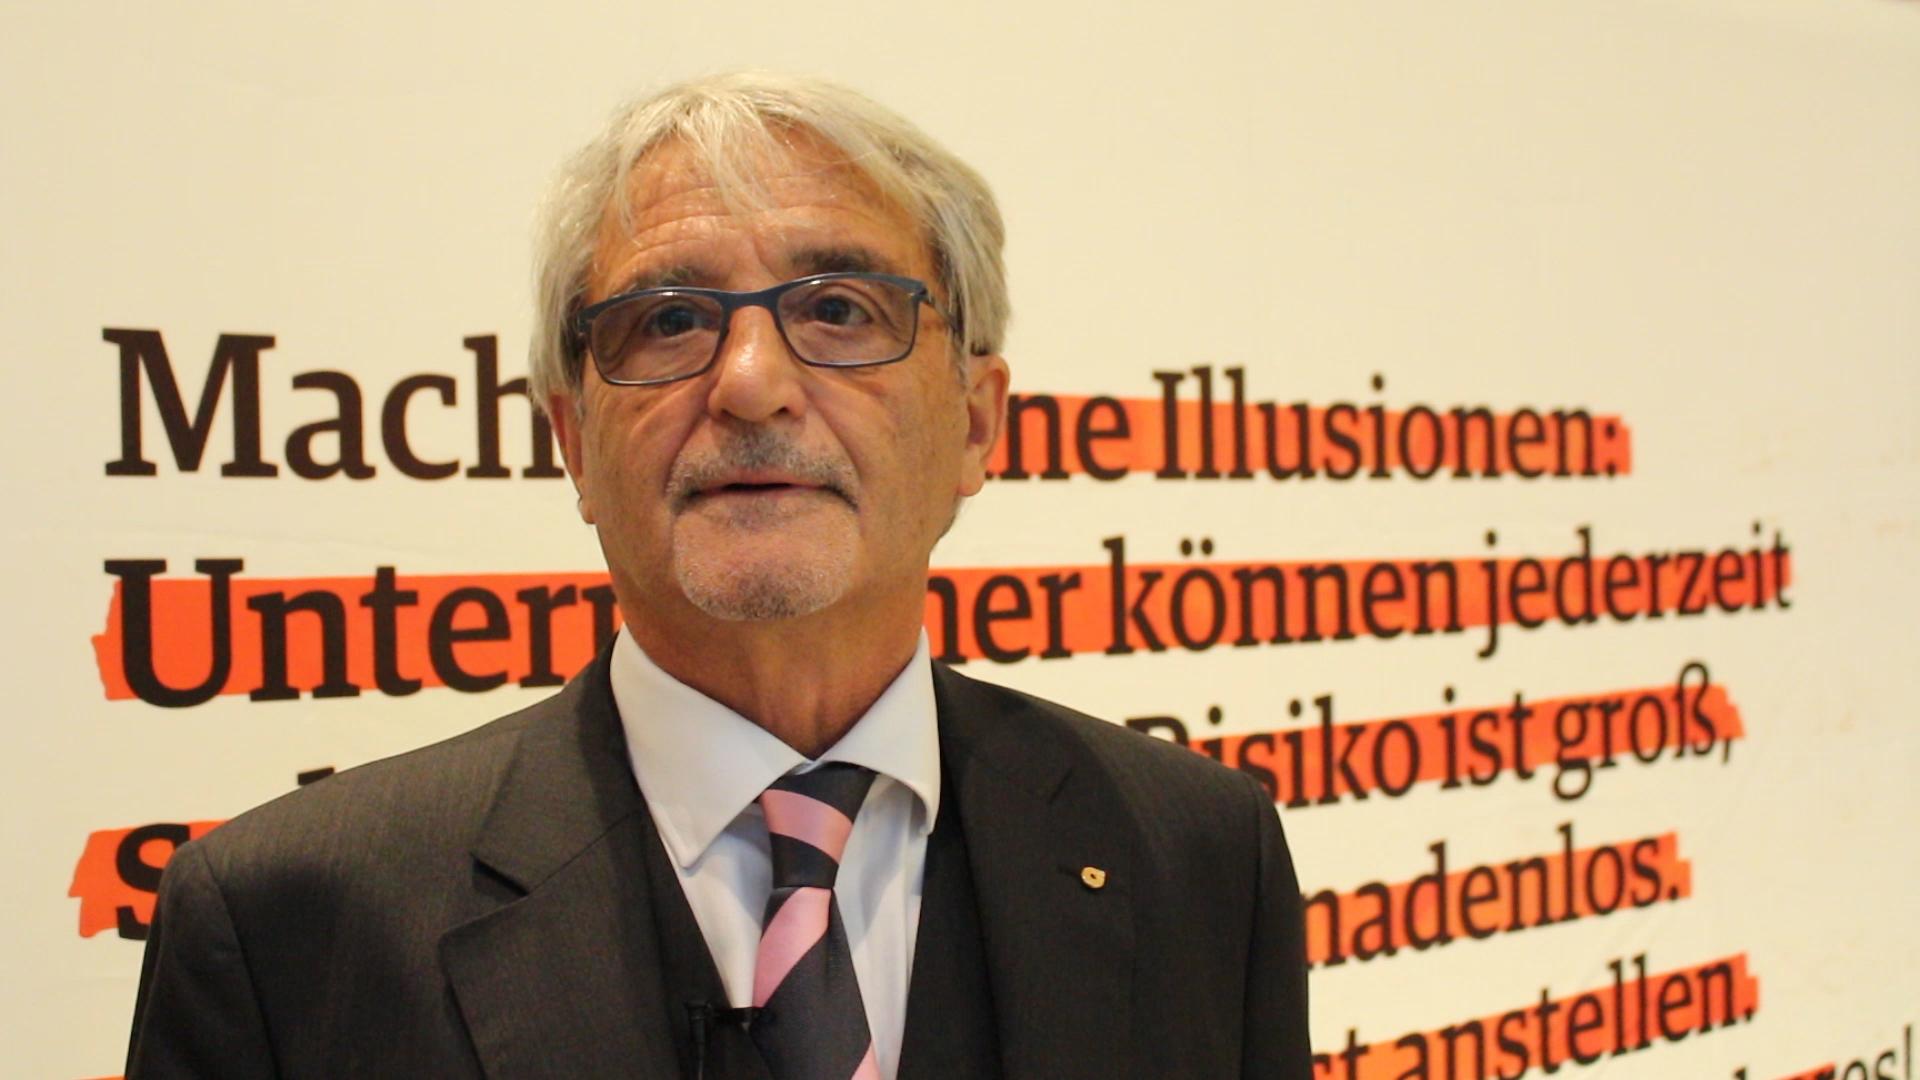 Jochen Lohse